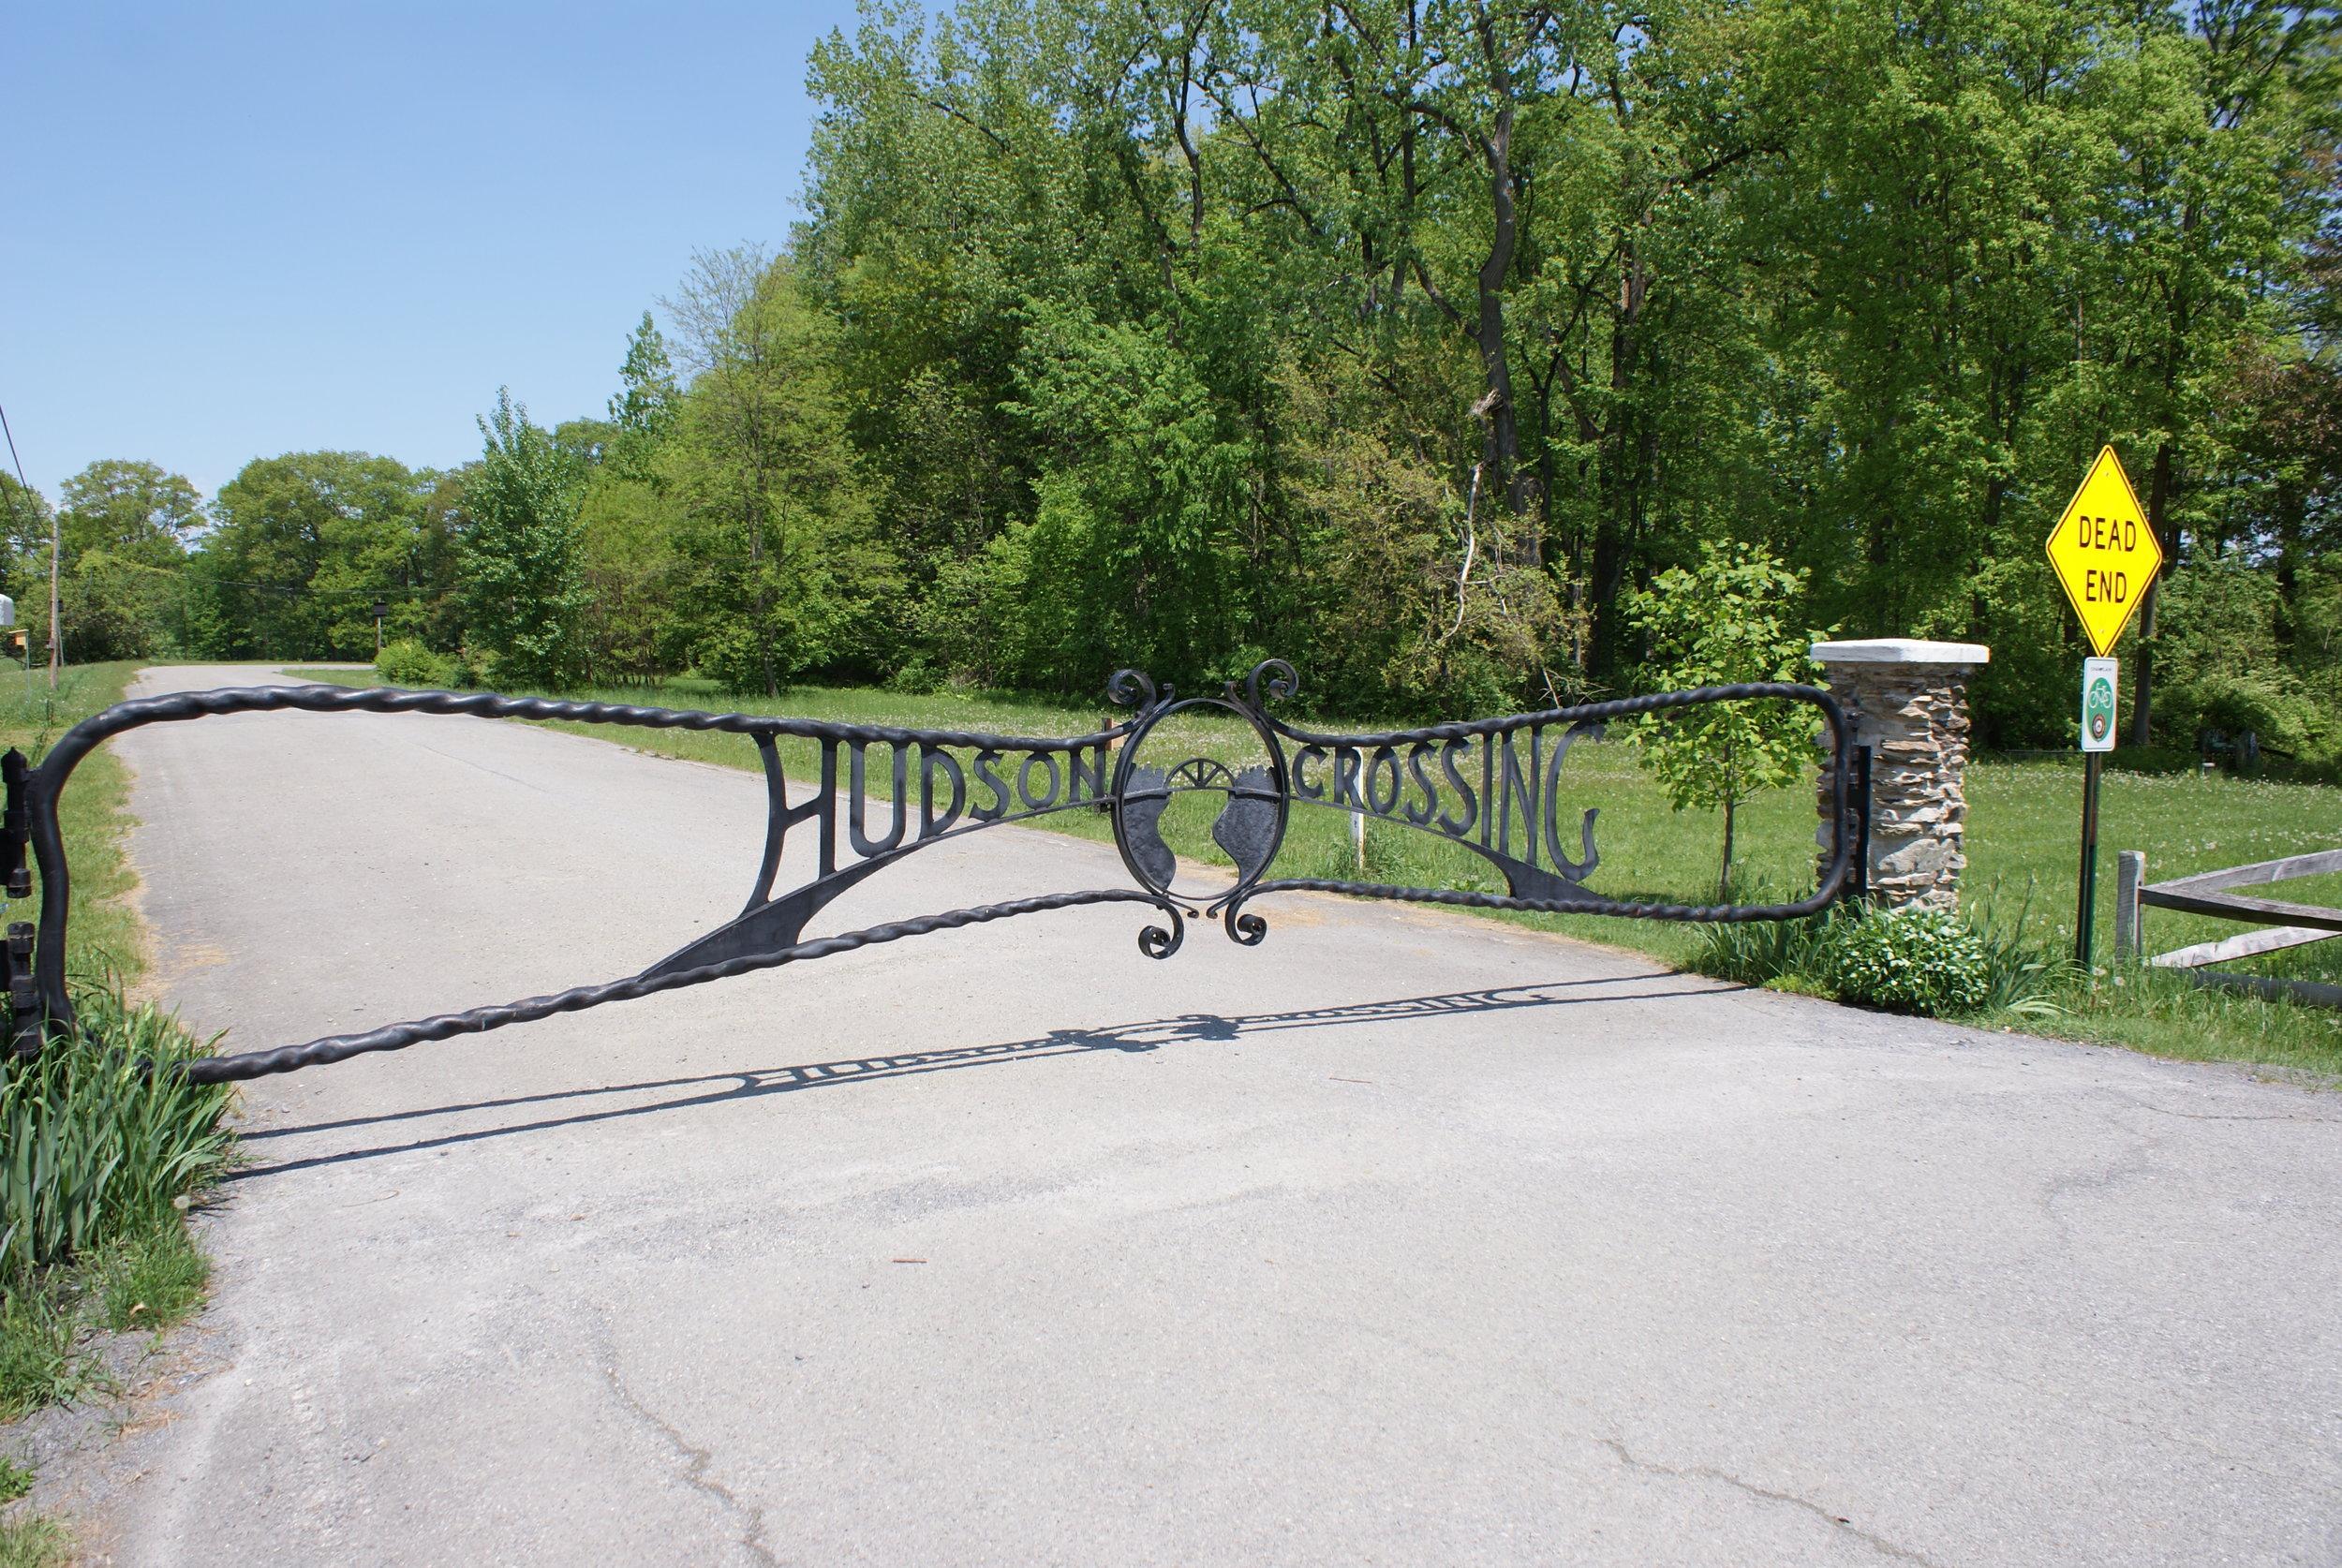 Hudson Crossing Gate - Leif Johnson